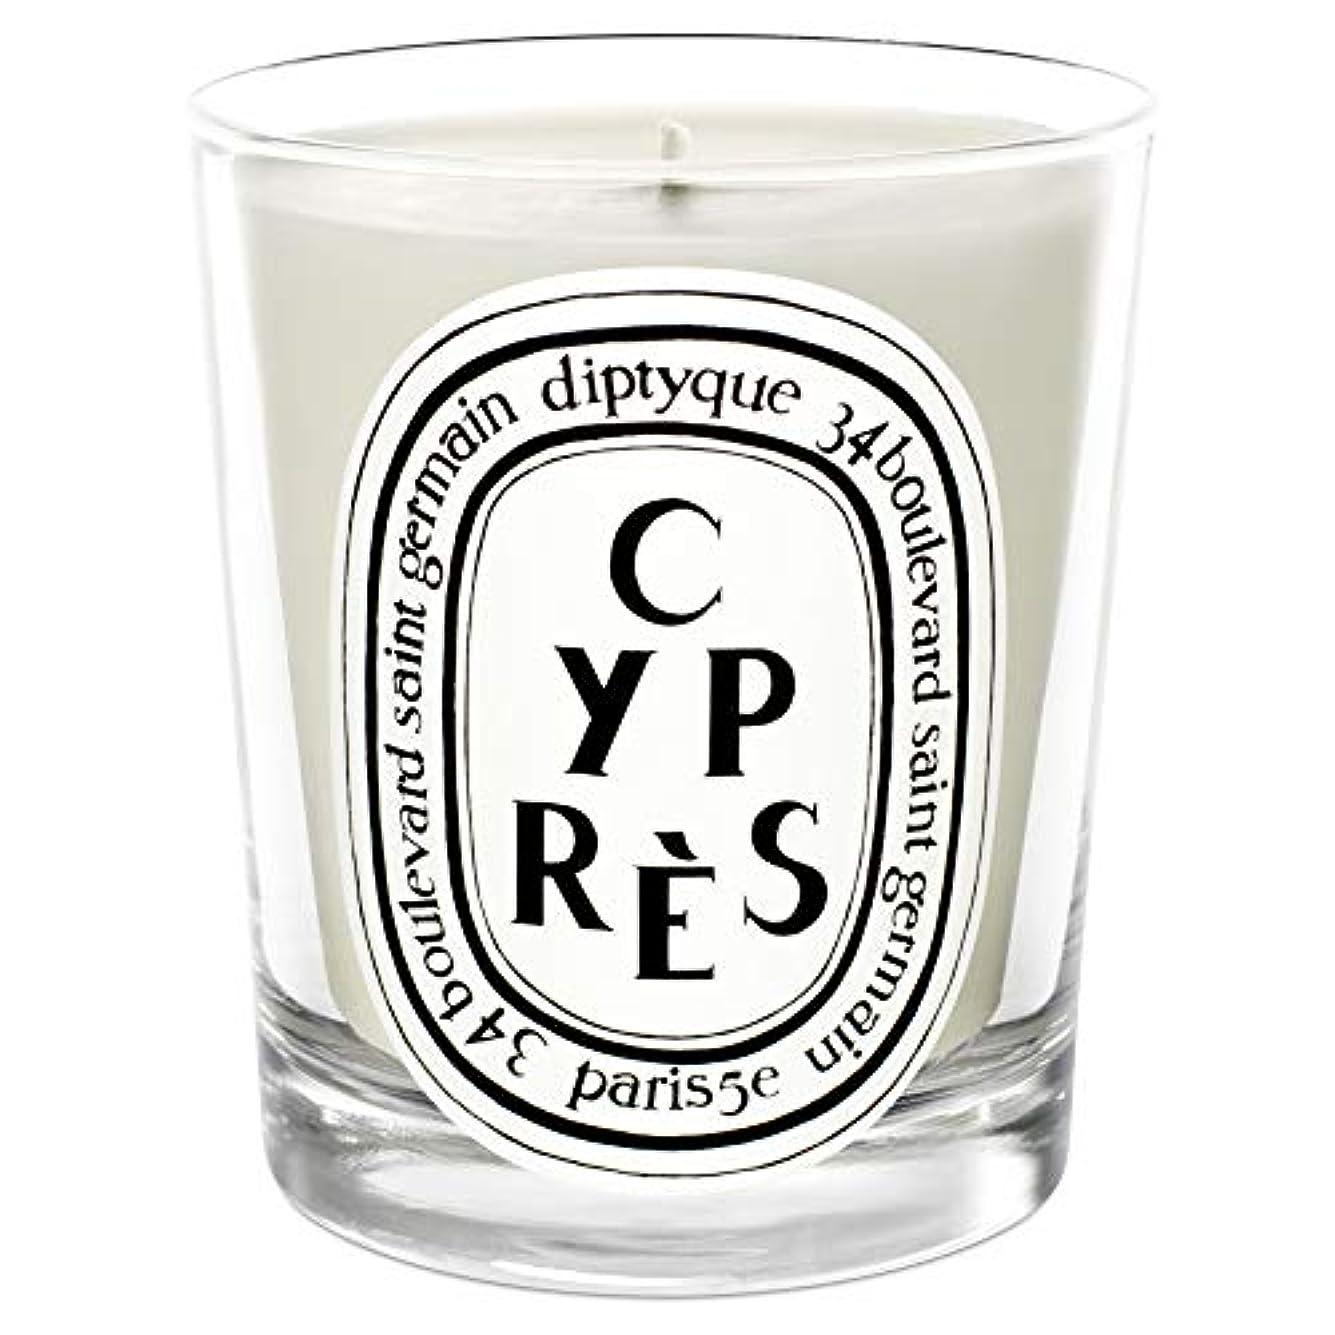 思想始める香ばしい[Diptyque] DiptyqueのCypr?s香りのキャンドル190グラム - Diptyque Cypr?s Scented Candle 190g [並行輸入品]